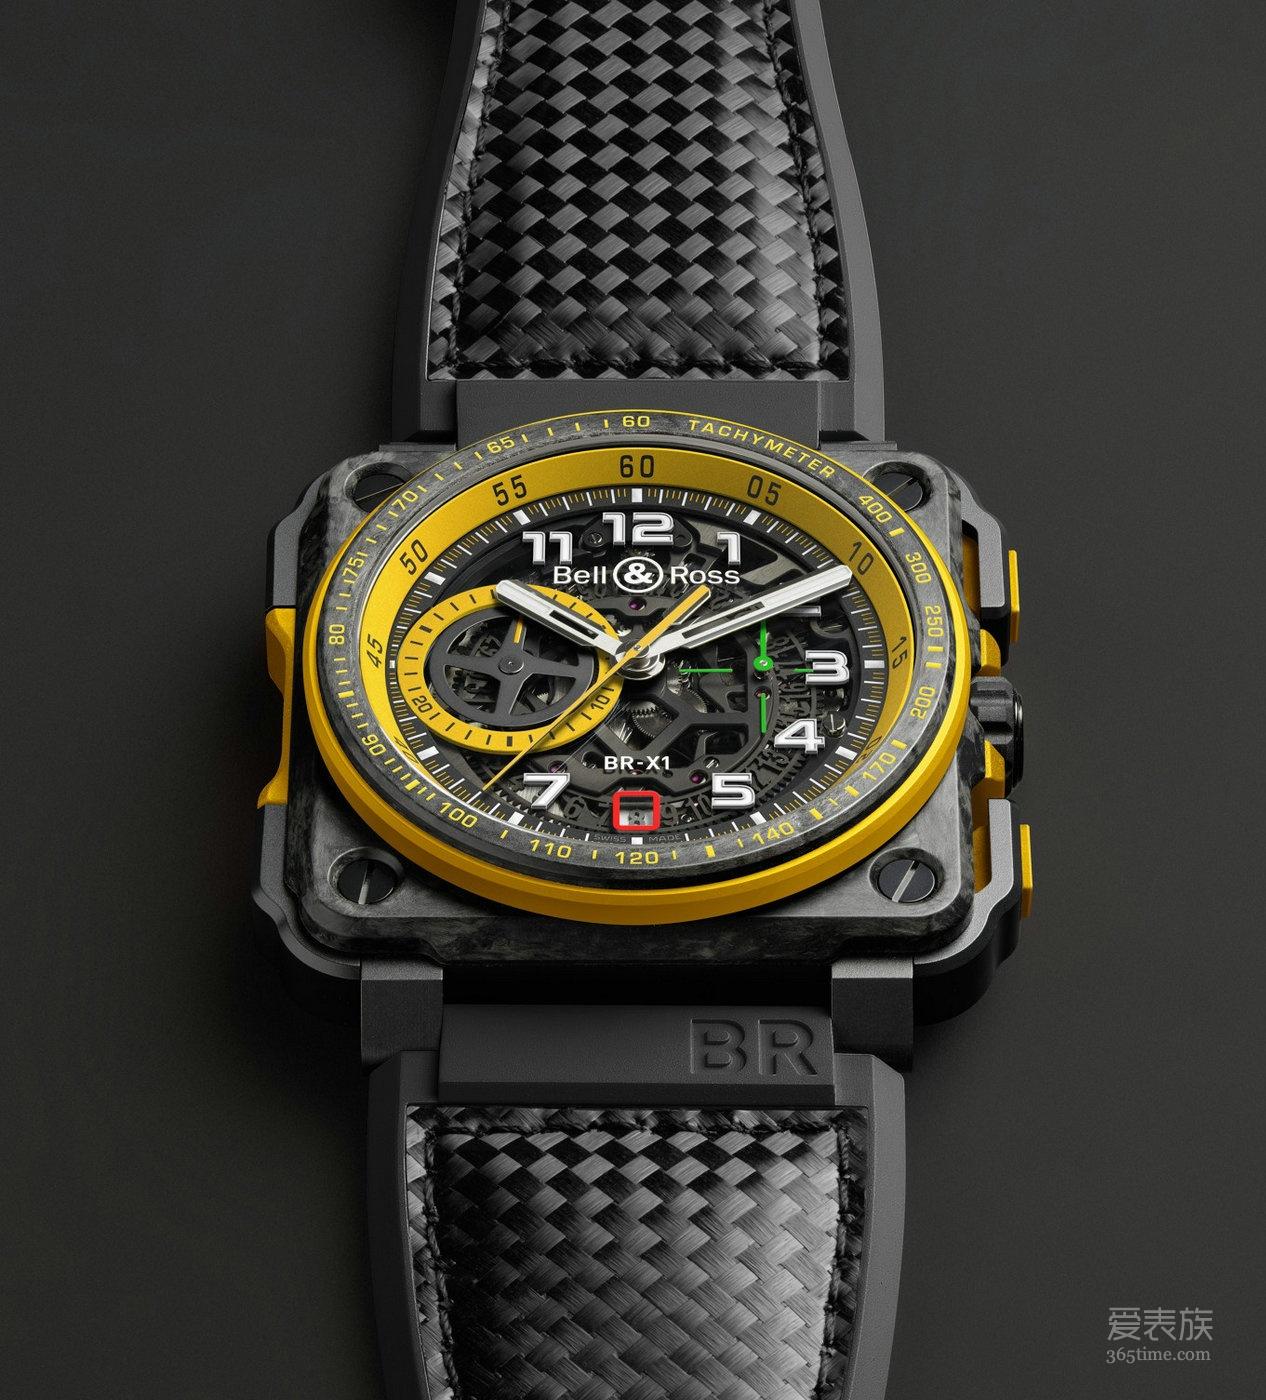 """柏莱士全力支持""""Only Watch慈善拍卖会"""" BR-X1 RS17 Only Watch计时表成交高于估价"""